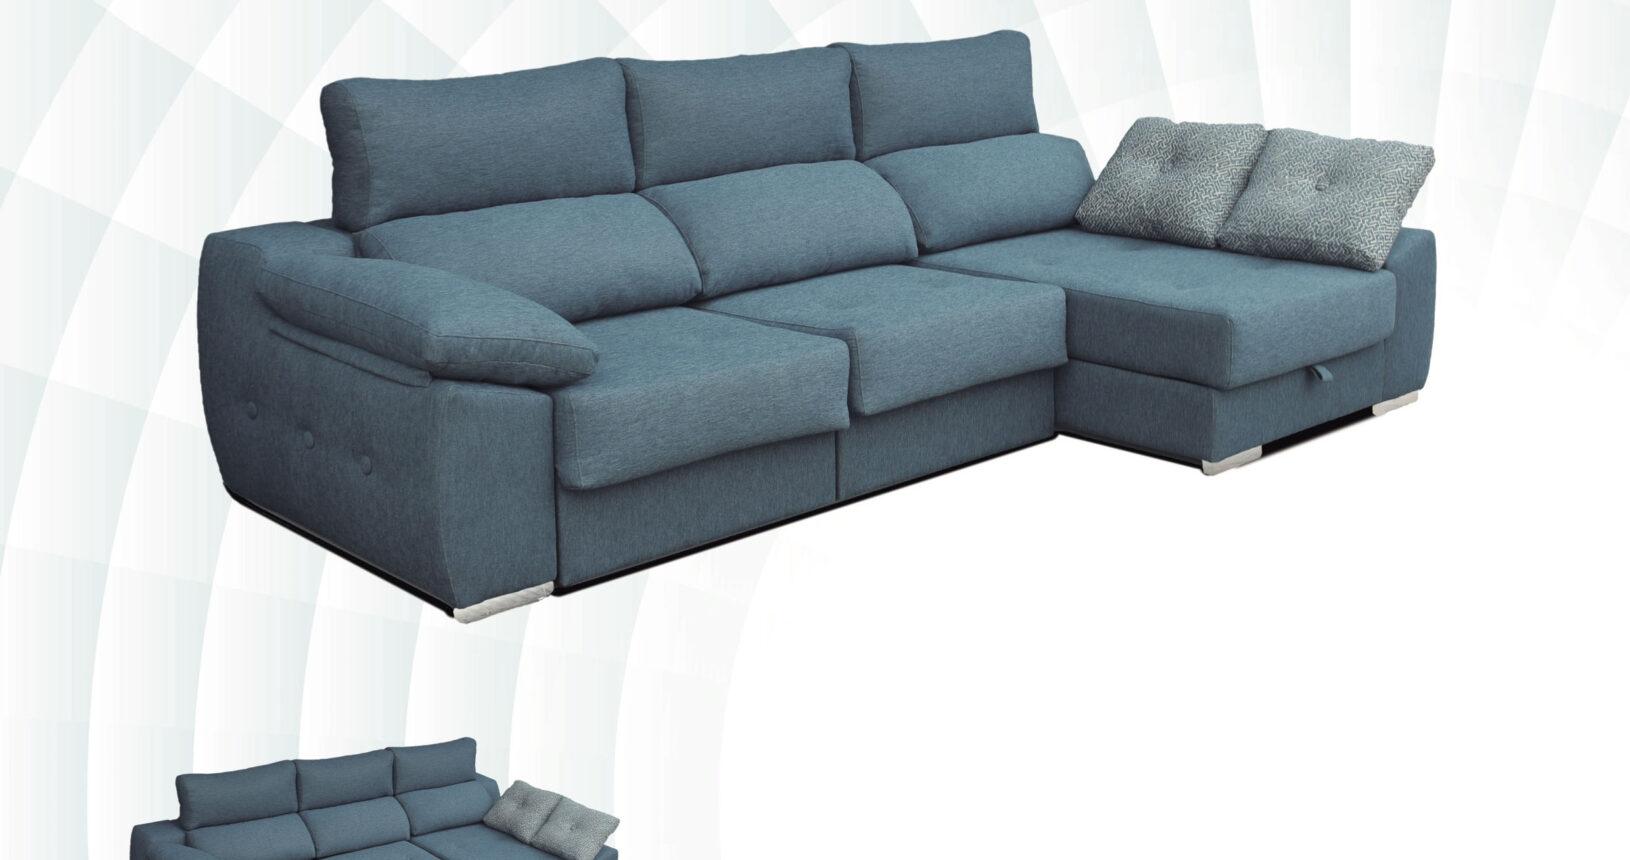 descanso sofás cobalto mundococina.eu